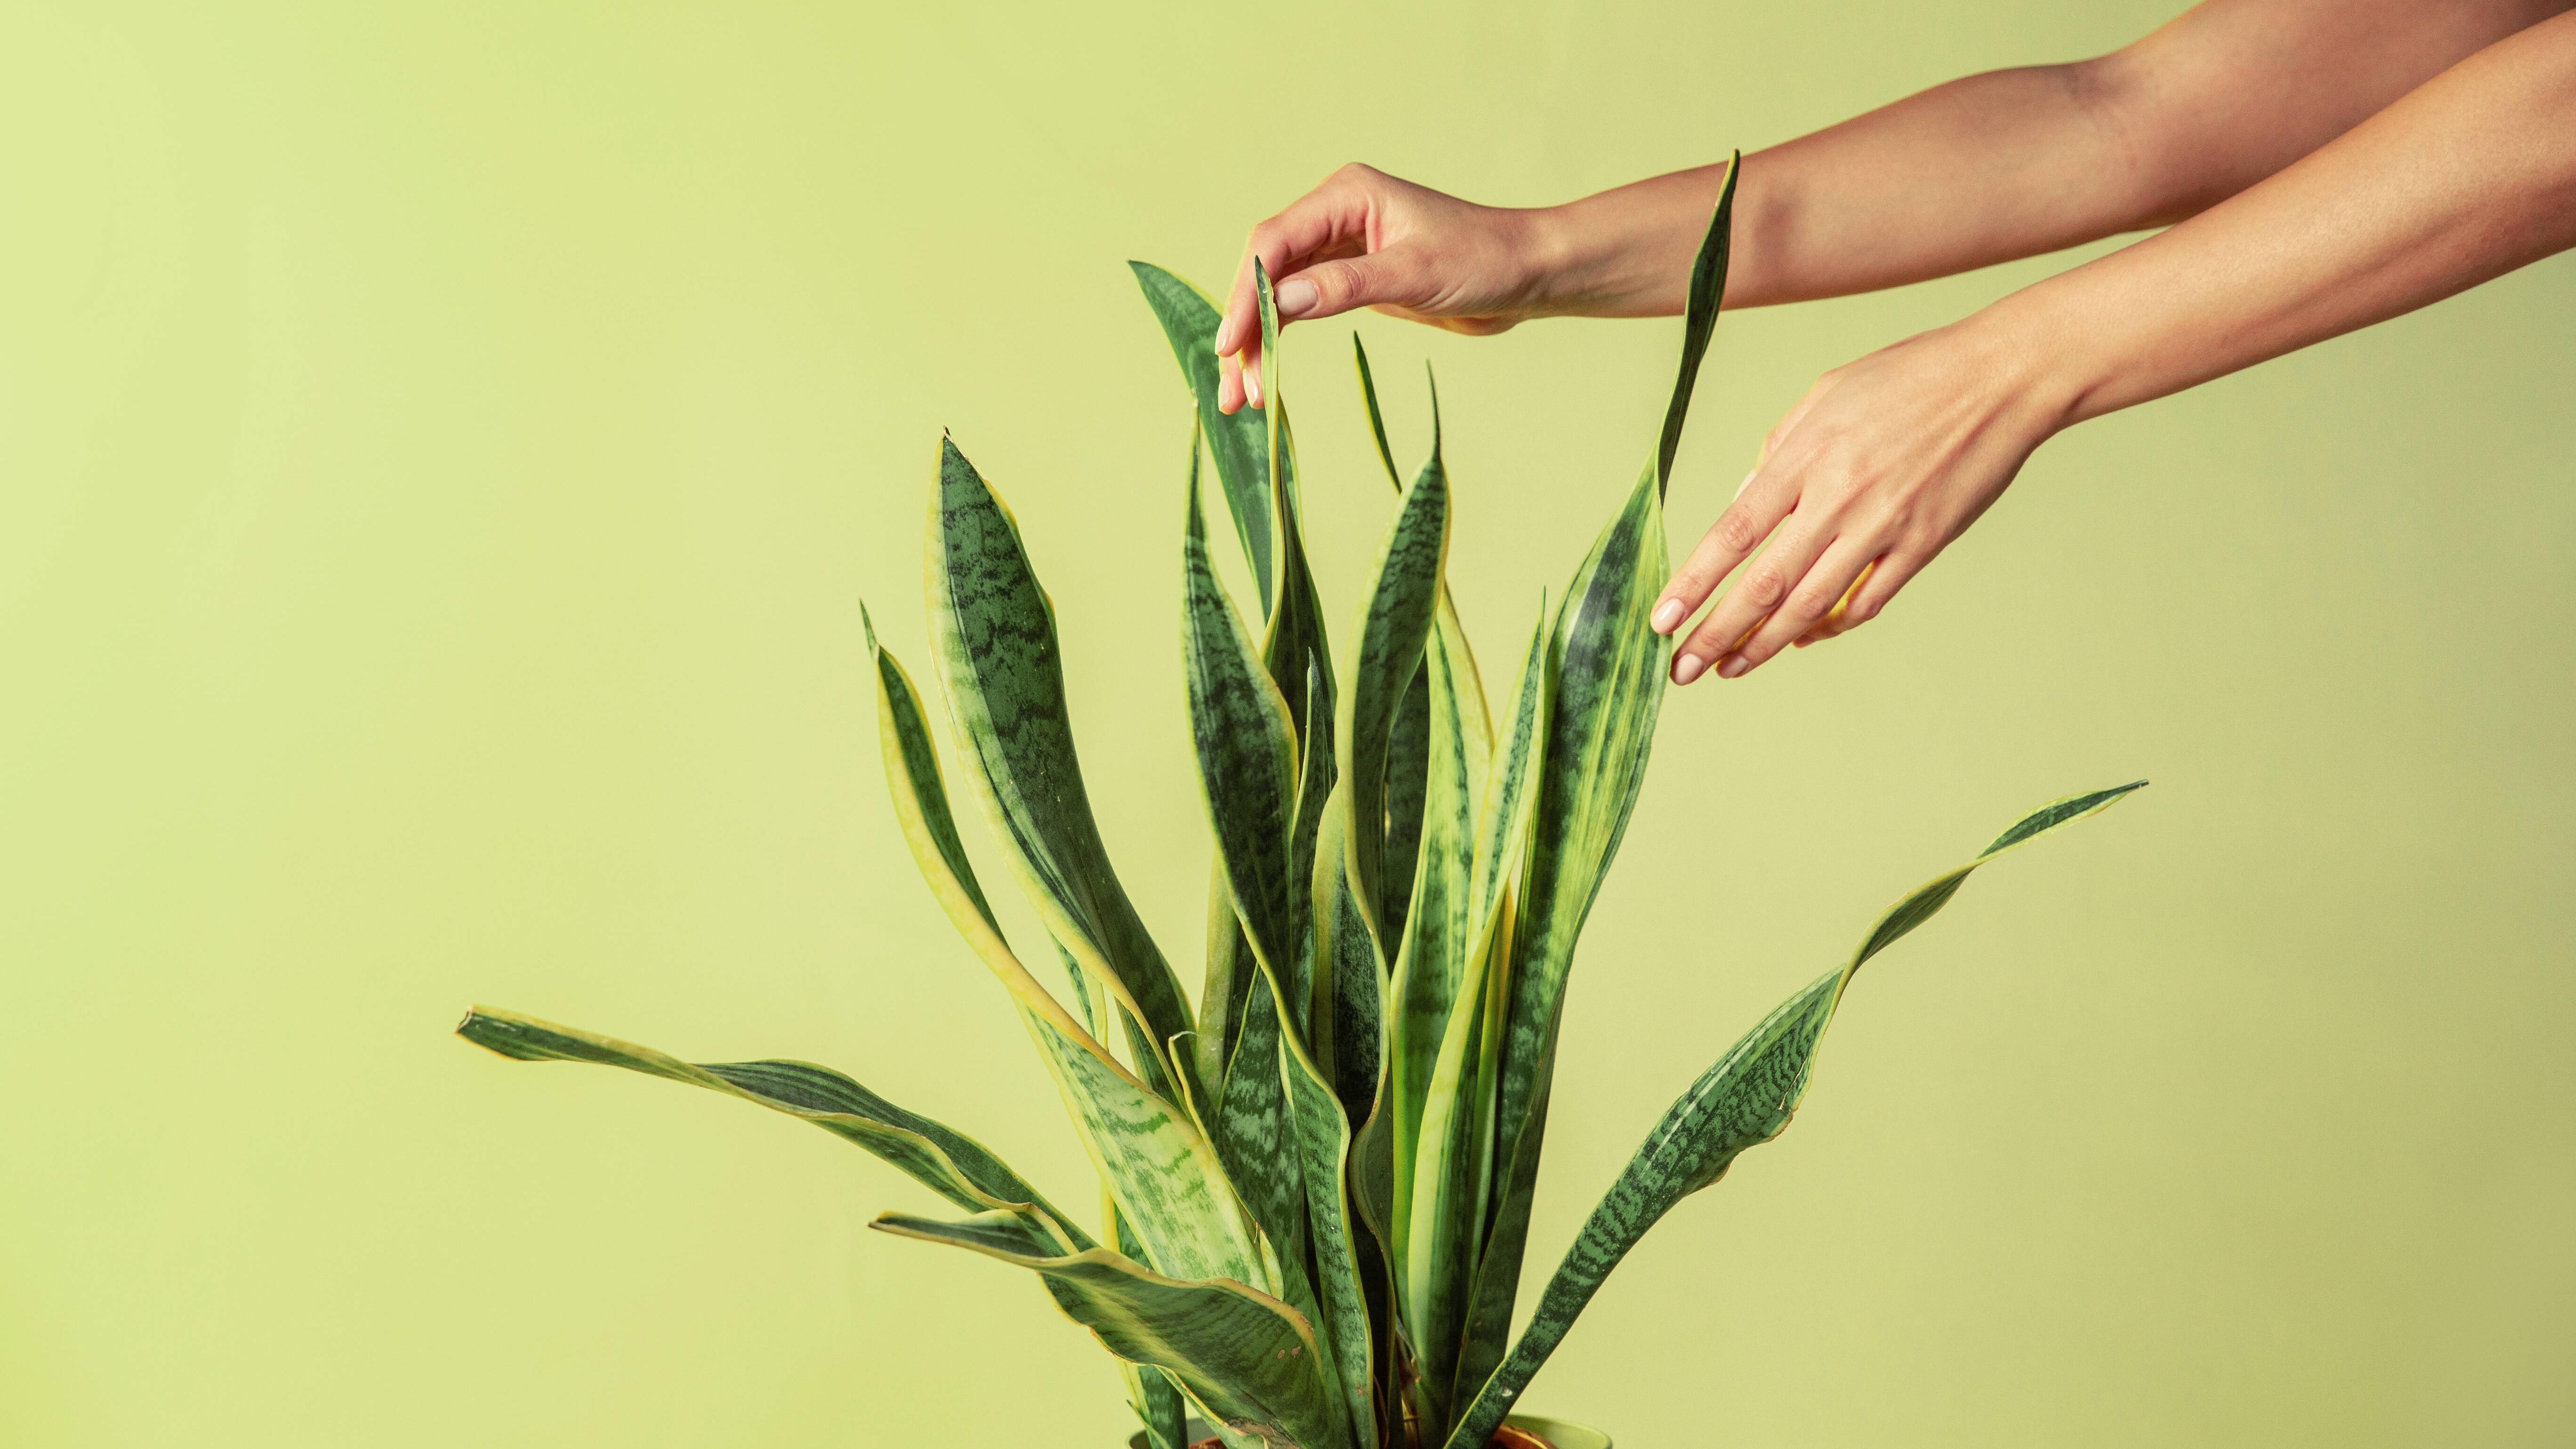 Bogenhanf-Blüte: Was Sie darüber wissen sollten